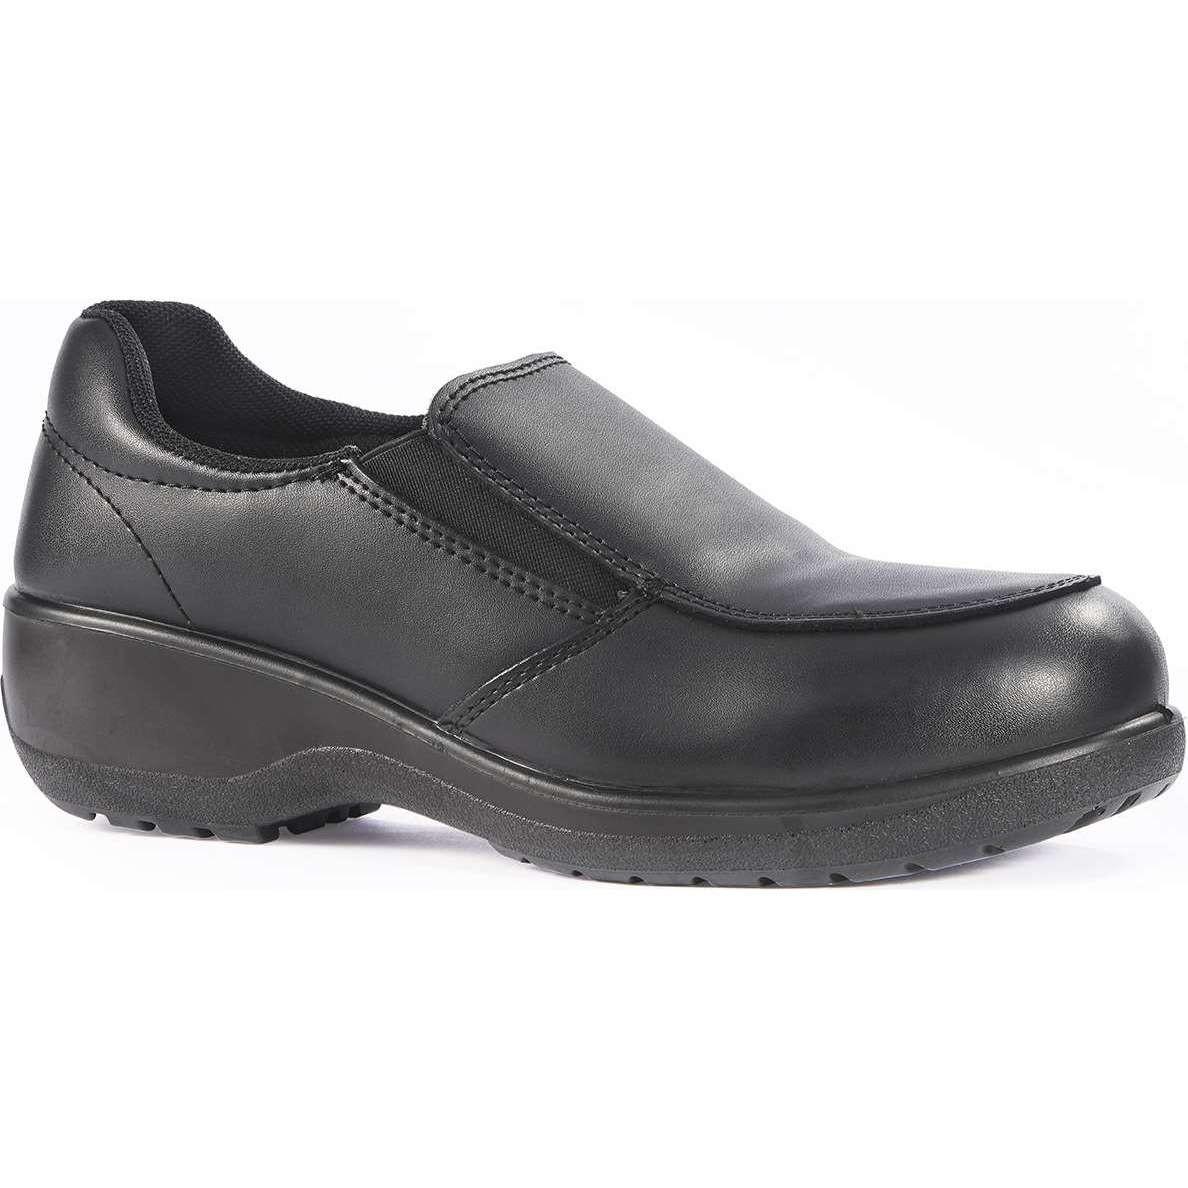 Vixen Topaz Ladies S3 Safety Shoes